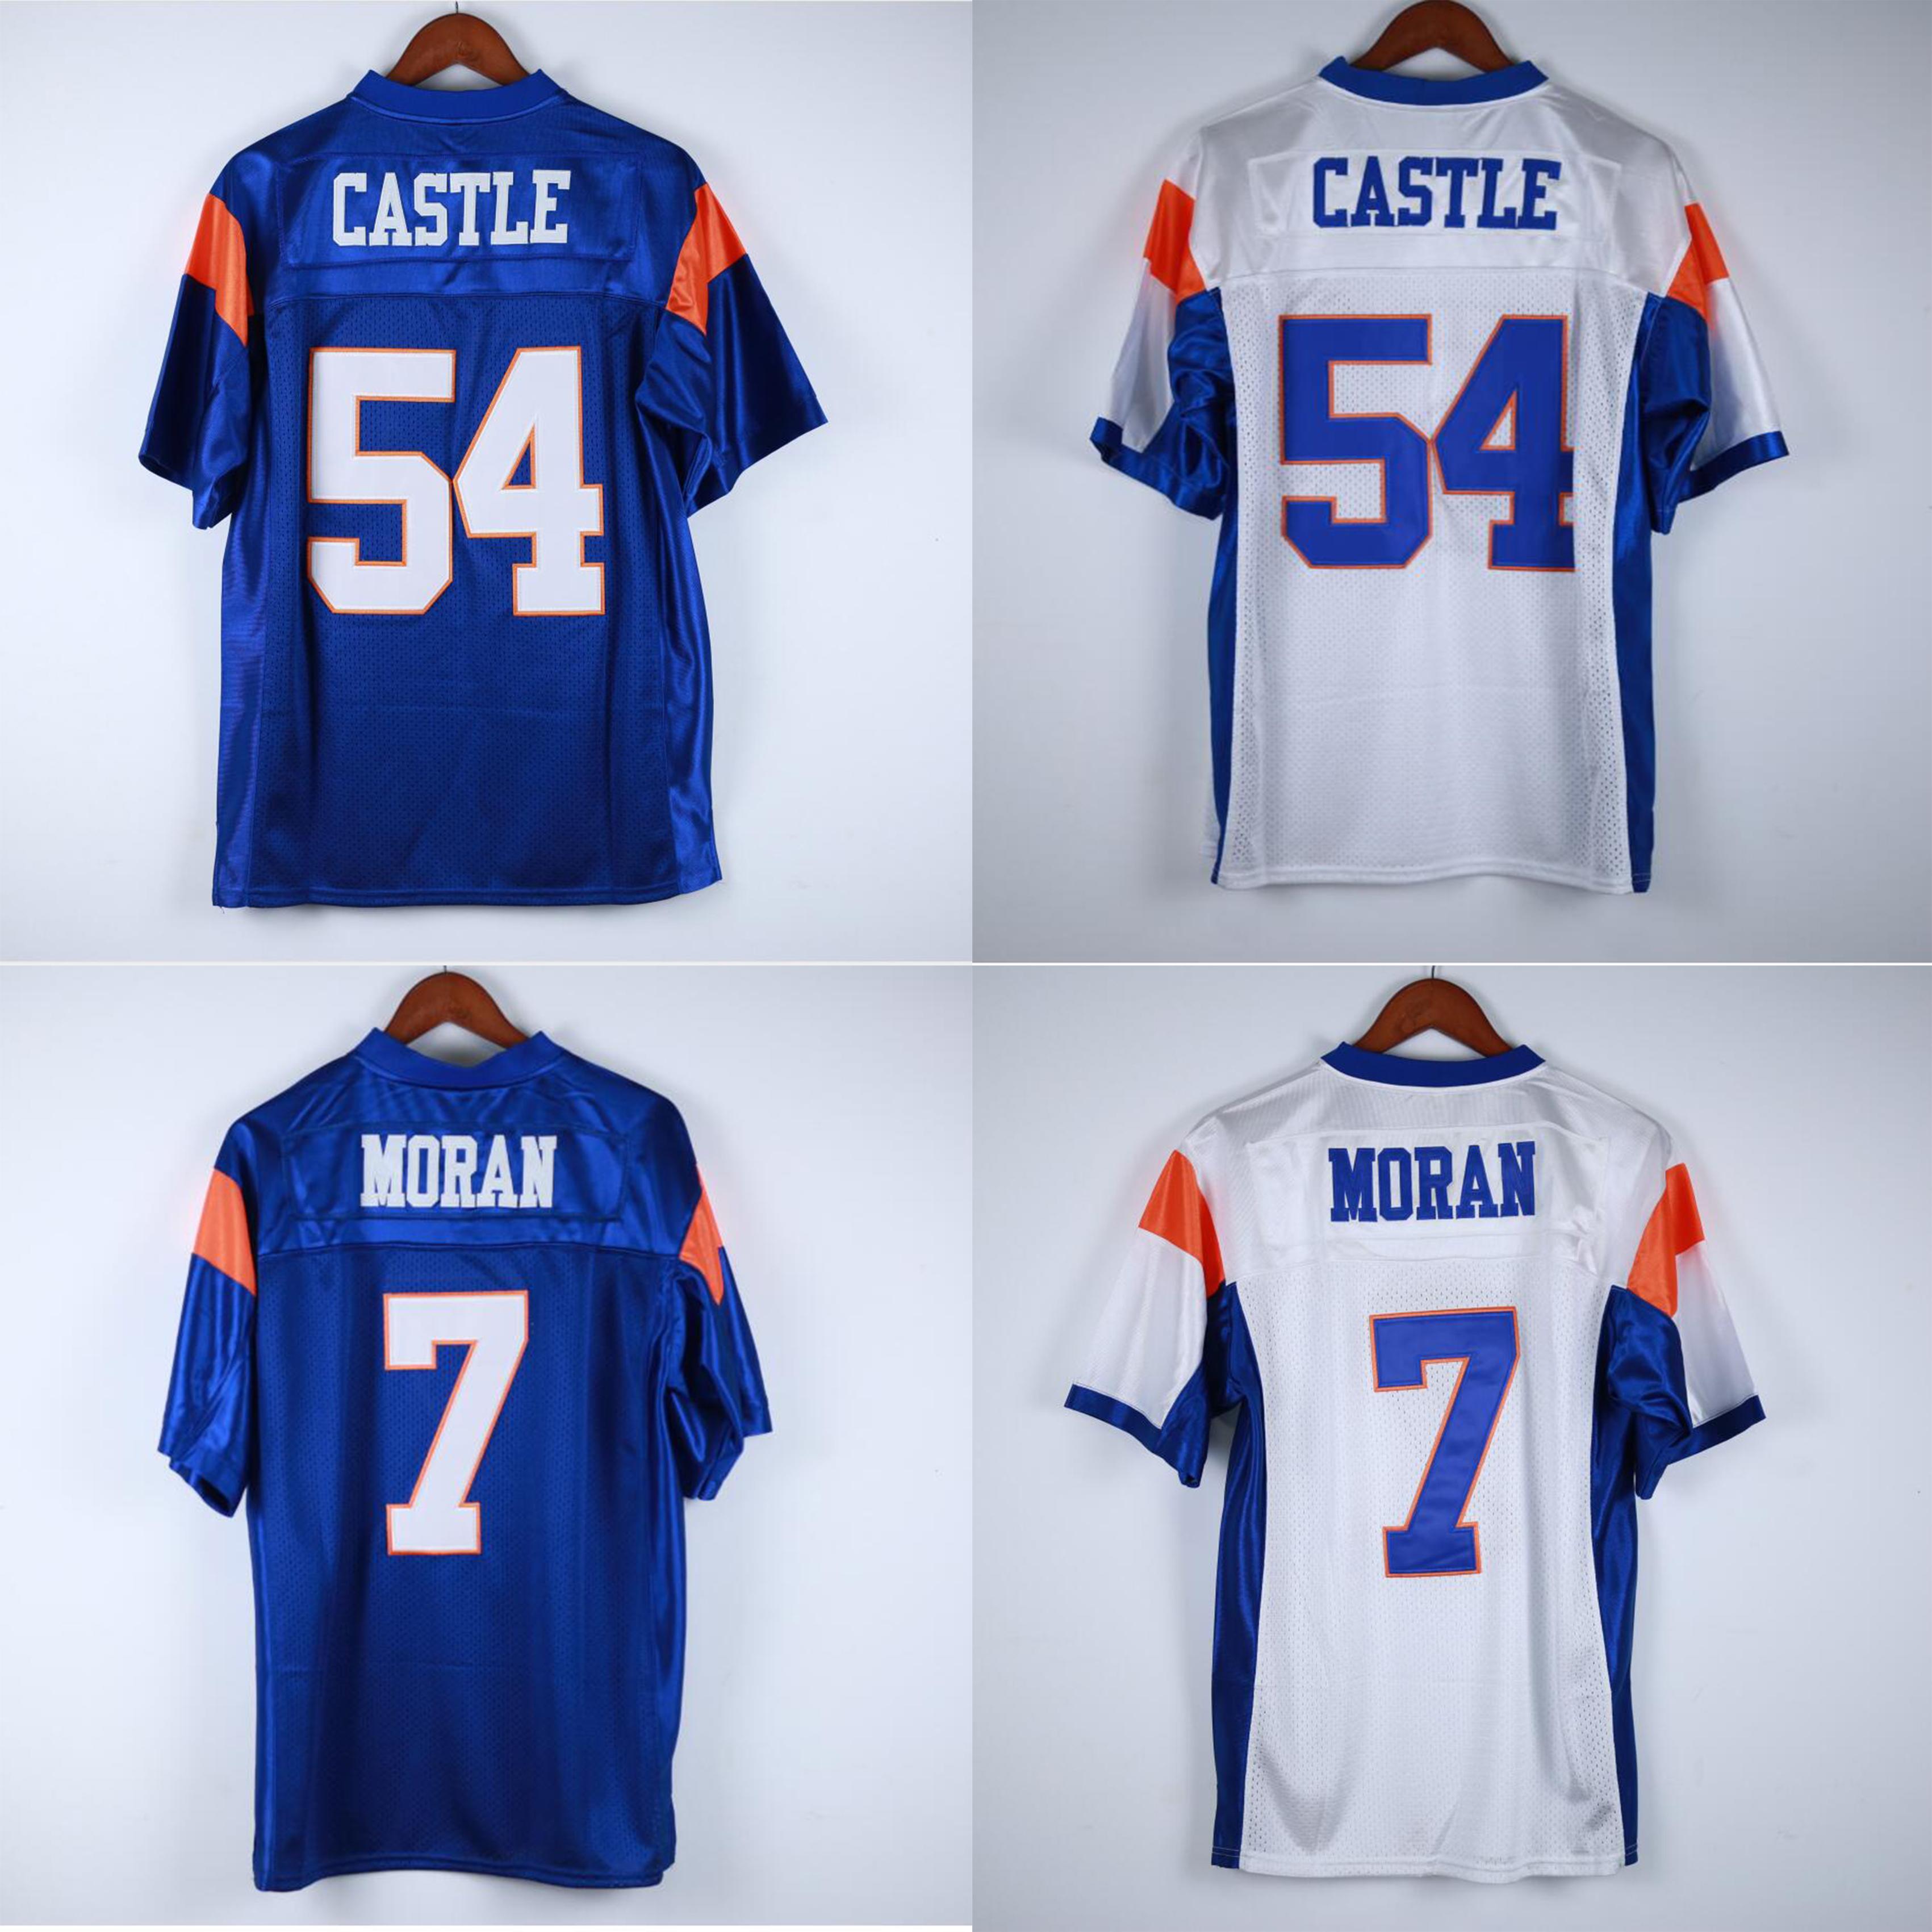 7 Alex Moran 54 Thad Castle Football Jersey Blue Mountain State BMS TV Afficher chèvres Double Nom et Number Qualité supérieure